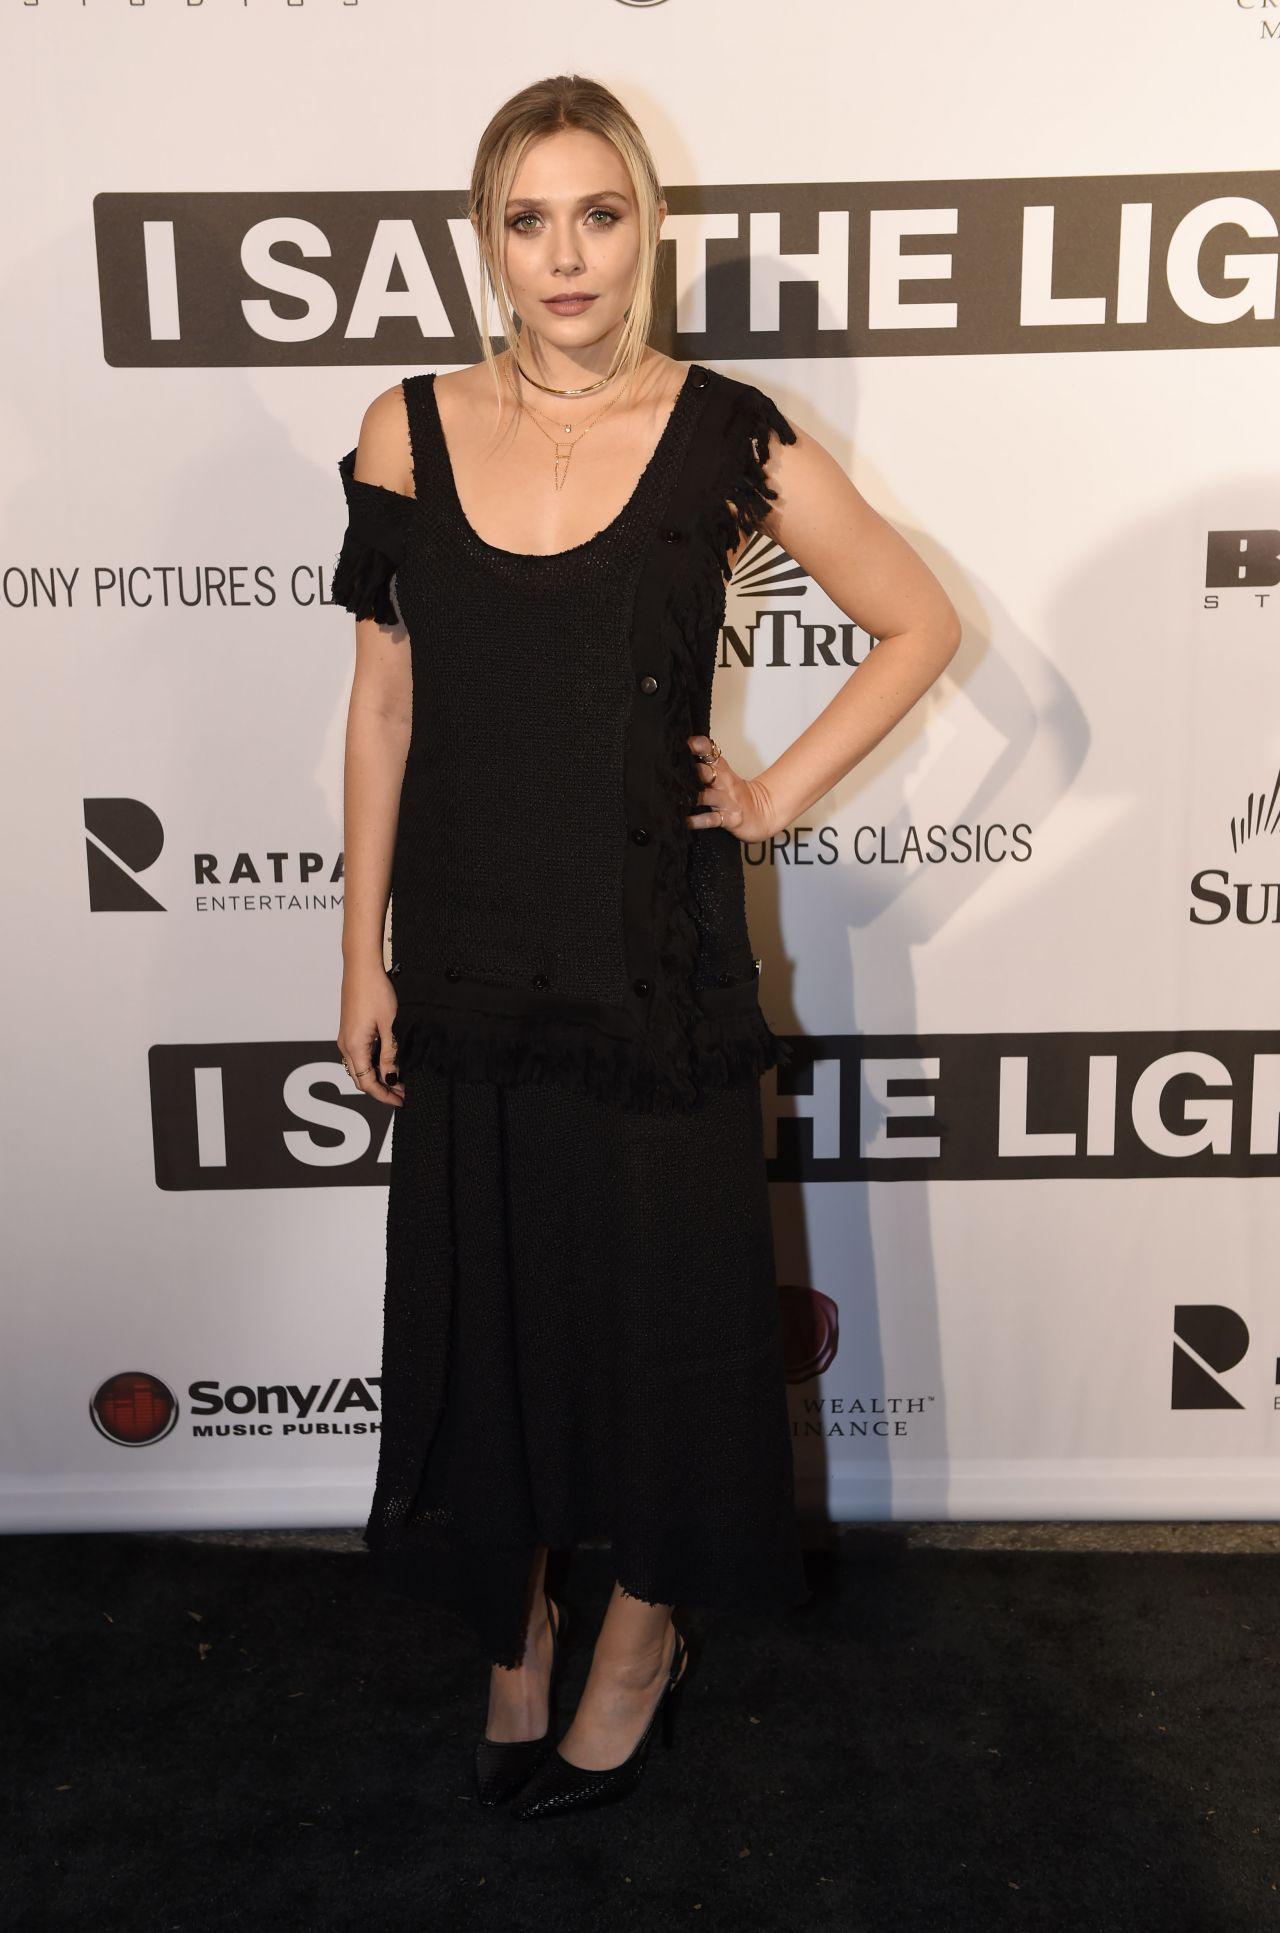 elizabeth-olsen-i-saw-the-light-premiere-in-nashville_1